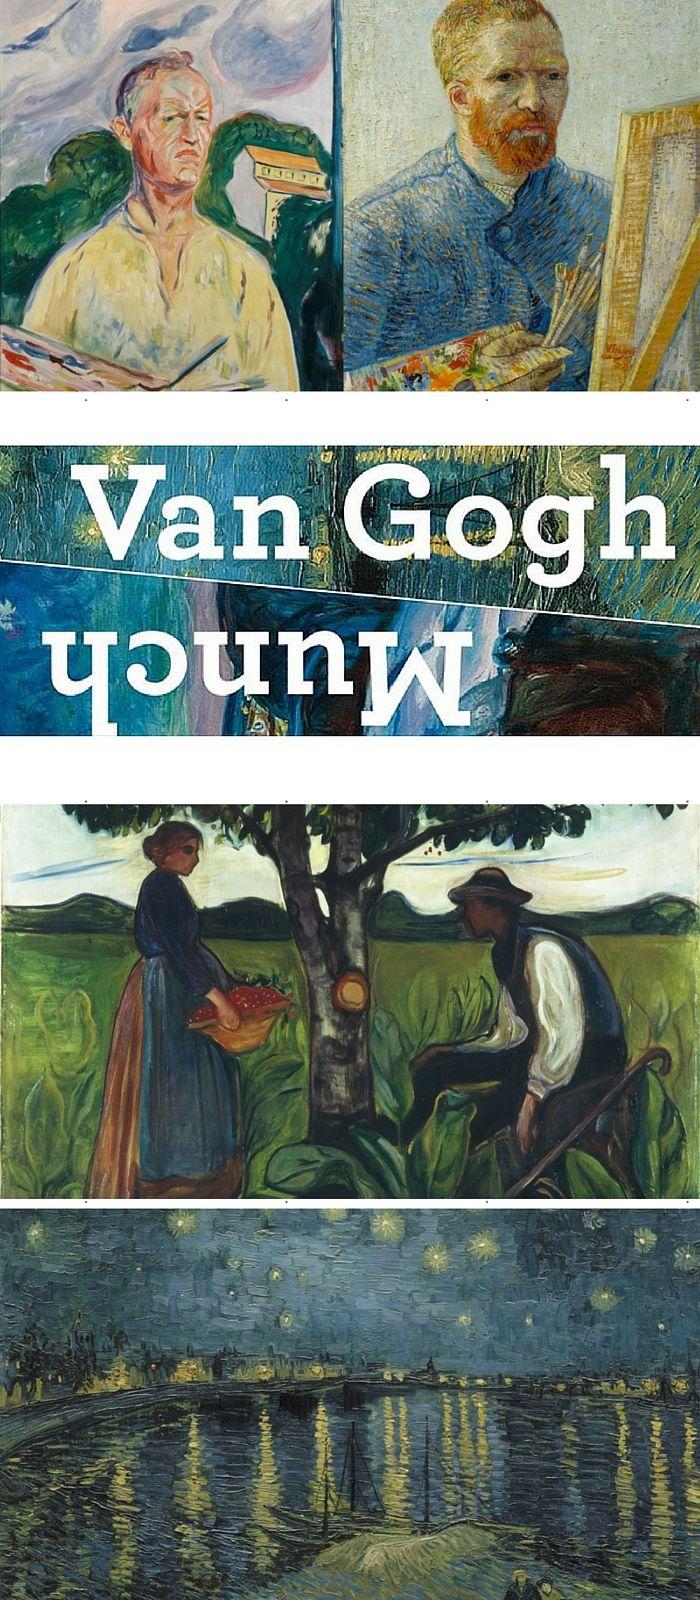 125 jaar na de dood van Vincent van Gogh organiseert het Van Gogh Museum de tentoonstelling Munch : Van Gogh. De kunstenaars Vincent van Gogh (1853-1890 en Edvard Munch (1863-1944) worden vaak met elkaar vergeleken en dikwijls in een adem genoemd. Toch is het nu voor het eerst dat kunstwerken van de twee meesters op grote schaal in een tentoonstelling bijeen worden gebracht. http://www.agirlaroundtheglobe.com/munch-van-gogh-tentoonstelling-amsterdam/